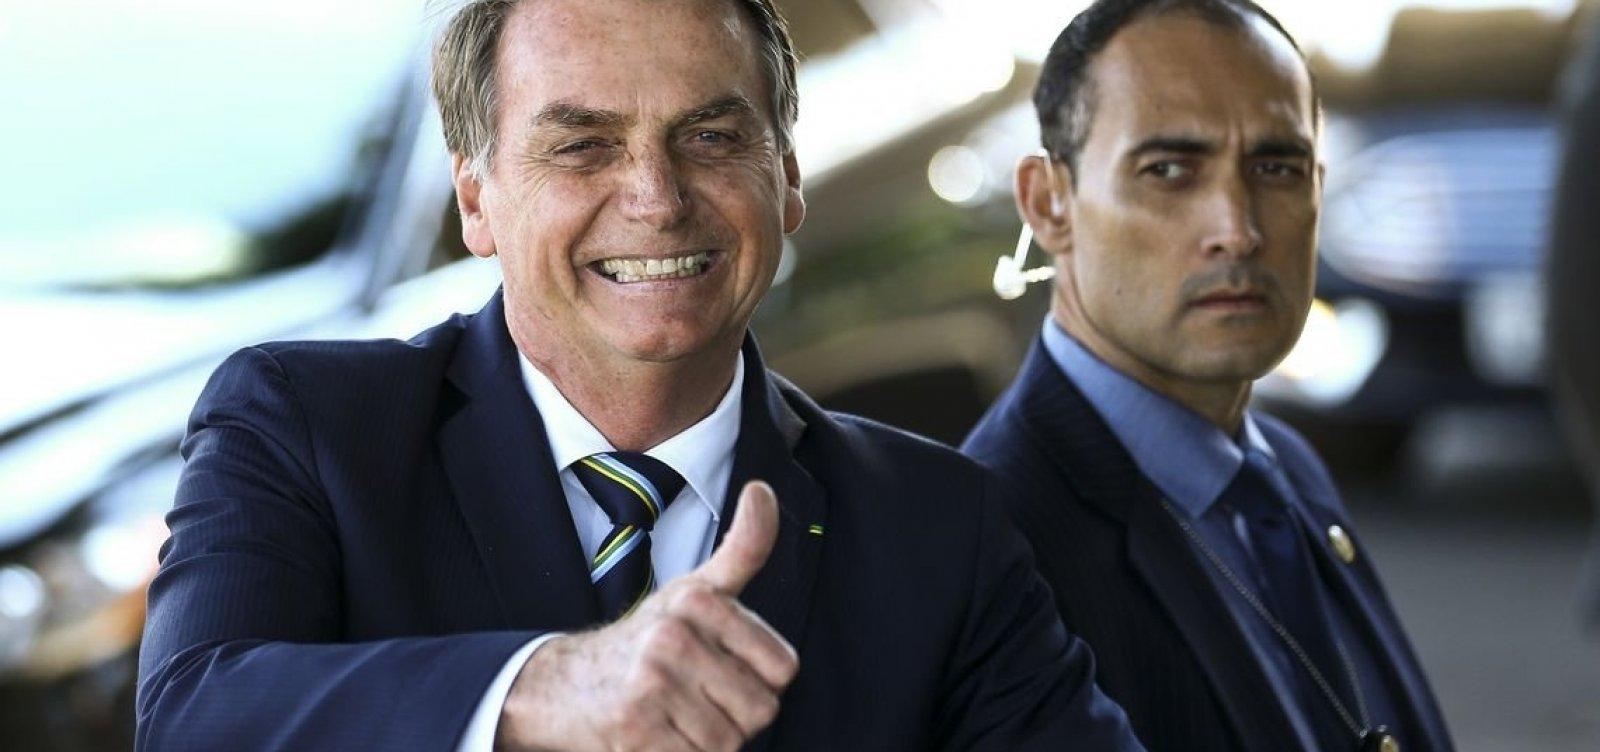 ['Por enquanto, sem alteração', diz Bolsonaro sobre indicação de Eduardo como embaixador]